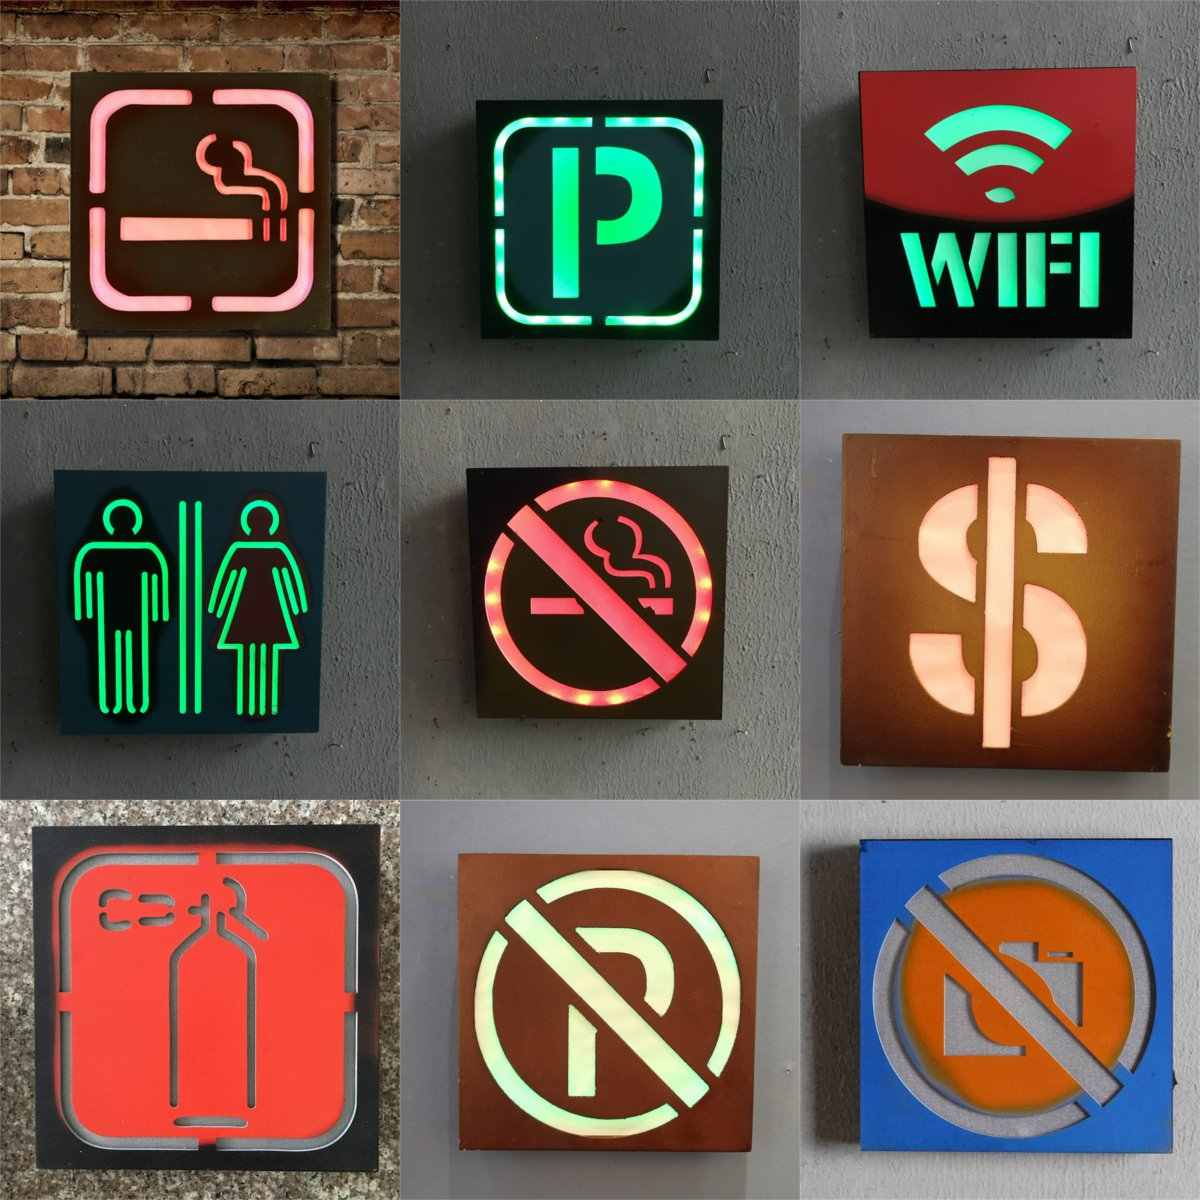 LED MDF Işareti Işık Retro Plak Posteri Bar Pub Ev Duvar Dekorasyon Akülü ışık kutusu Kurulu Ticari Aydınlatma 24x24 cm